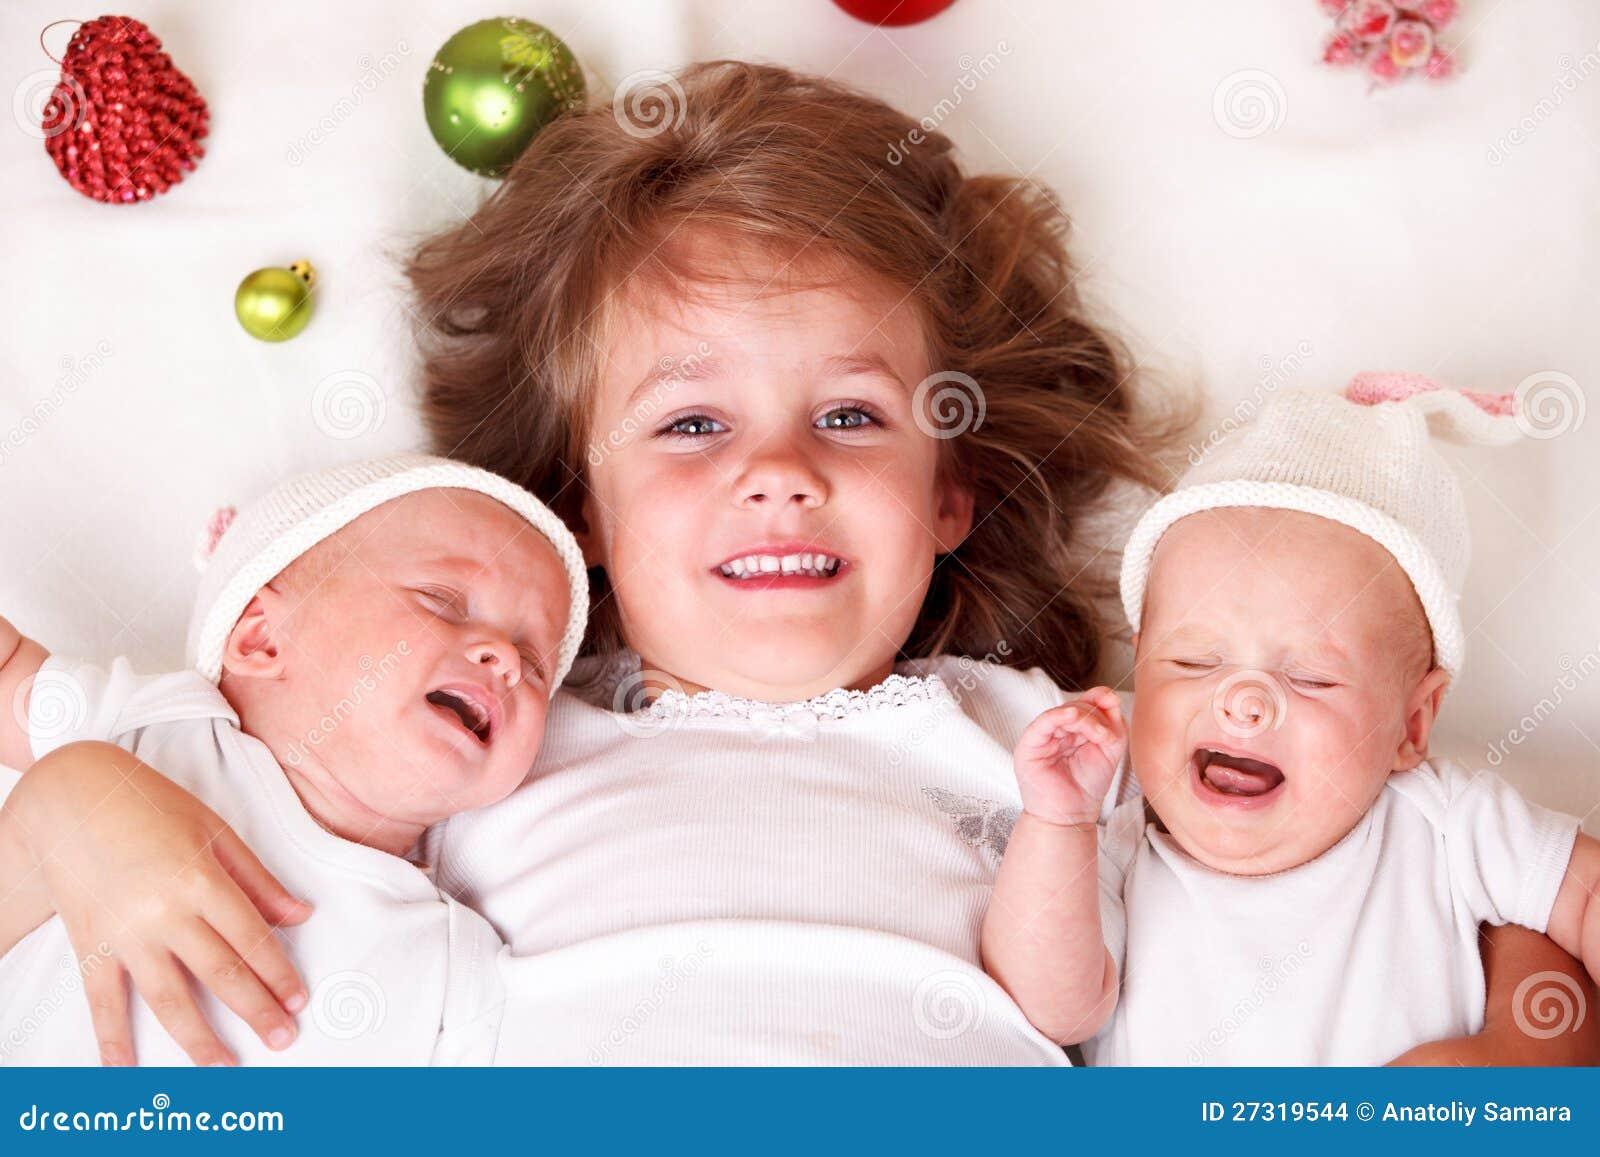 女孩和婴儿孪生